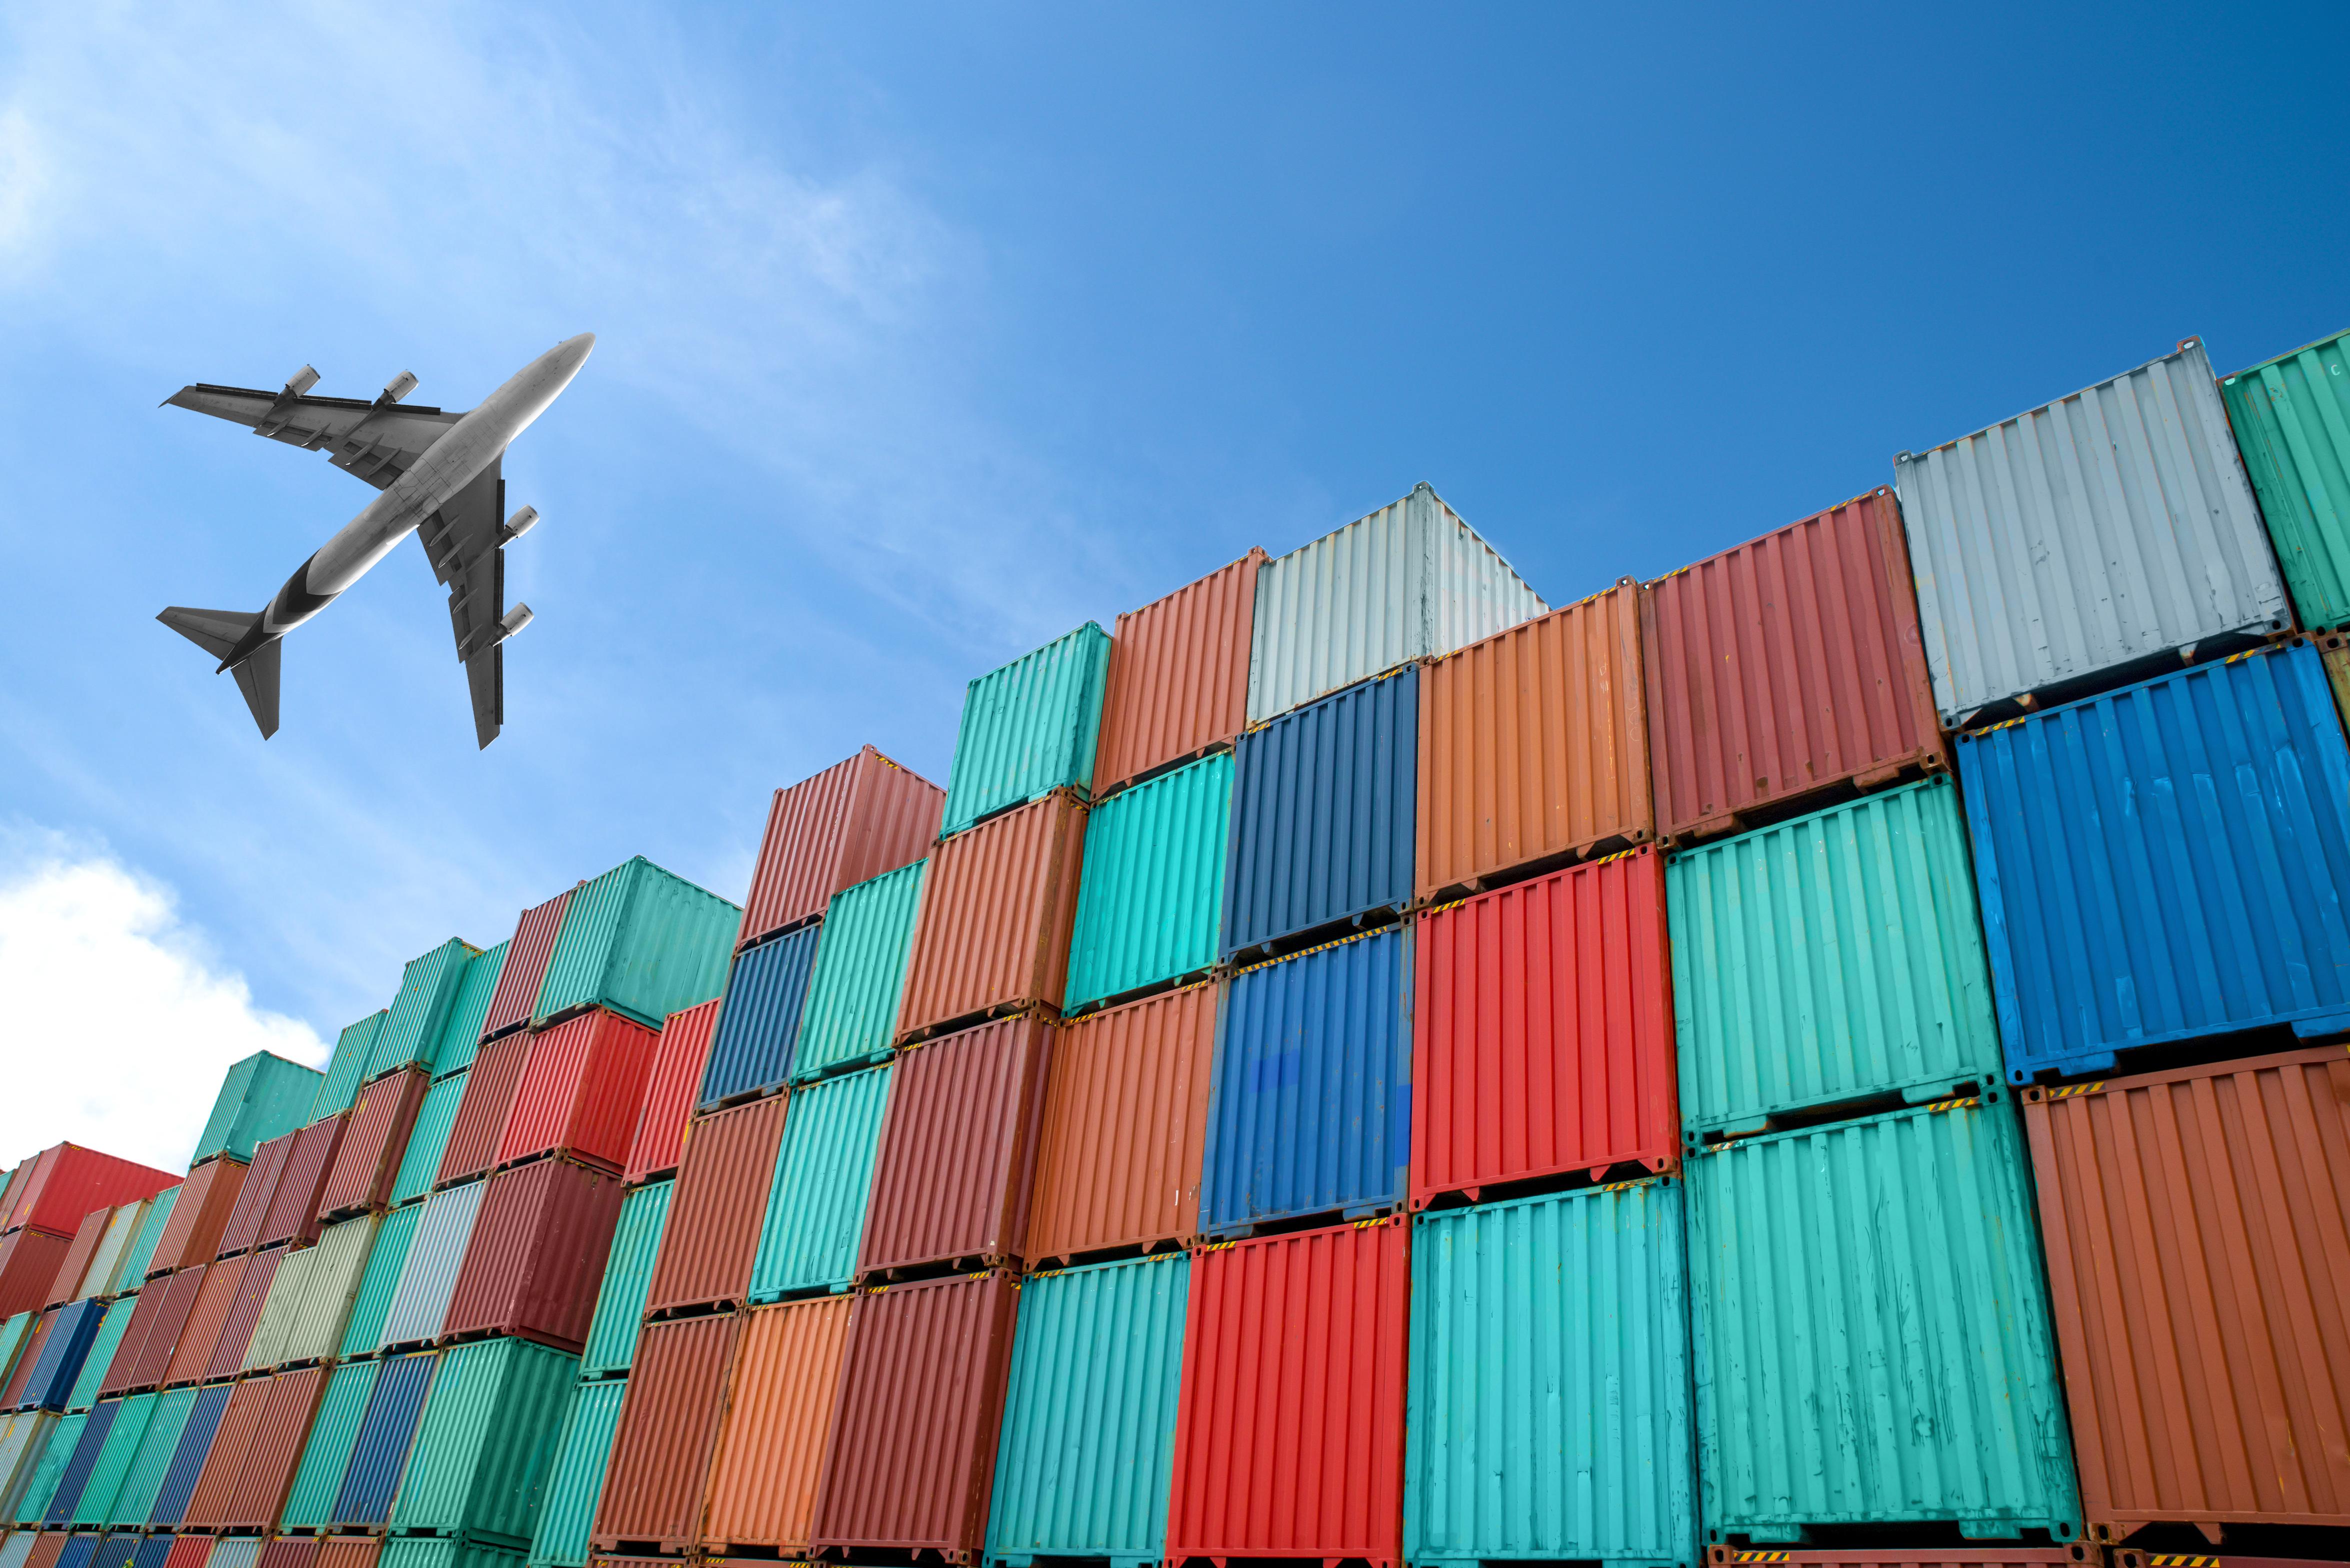 spedycja lotnicza towarów i paczek